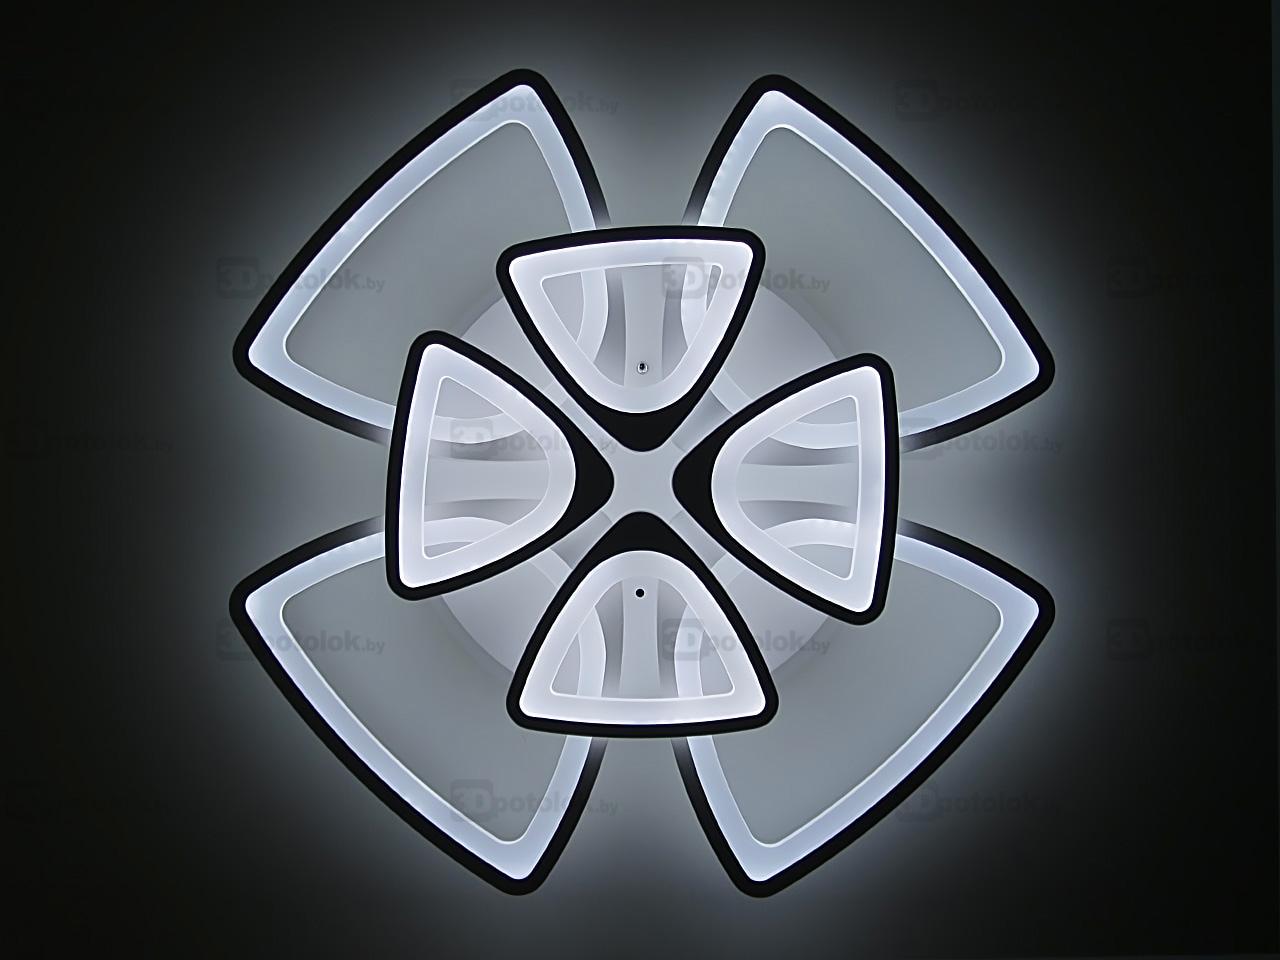 10006_44-WHTBLYL_4_лого